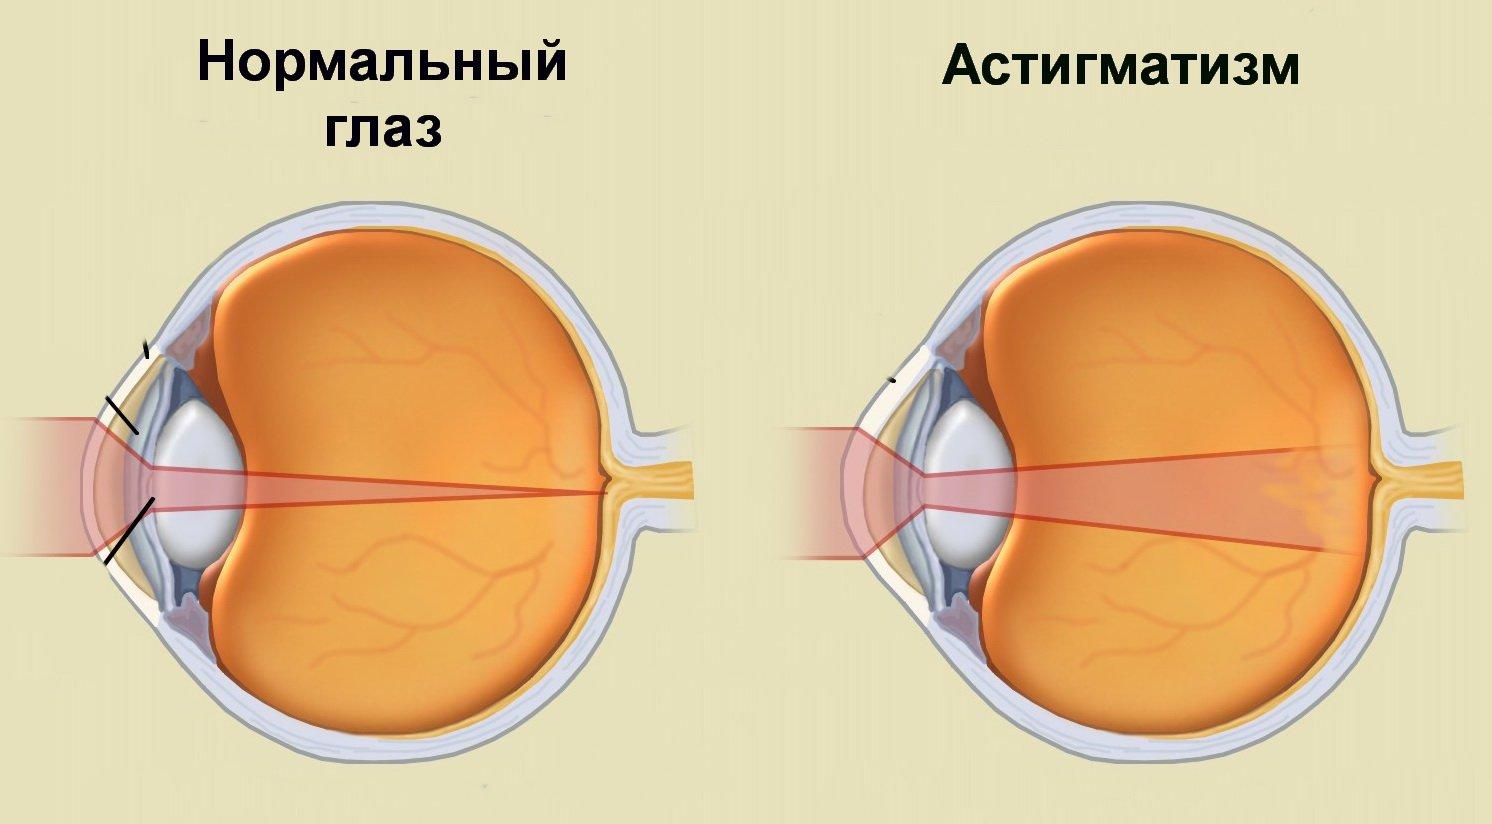 Emelianenko jövőképe szédült és a látás elesett